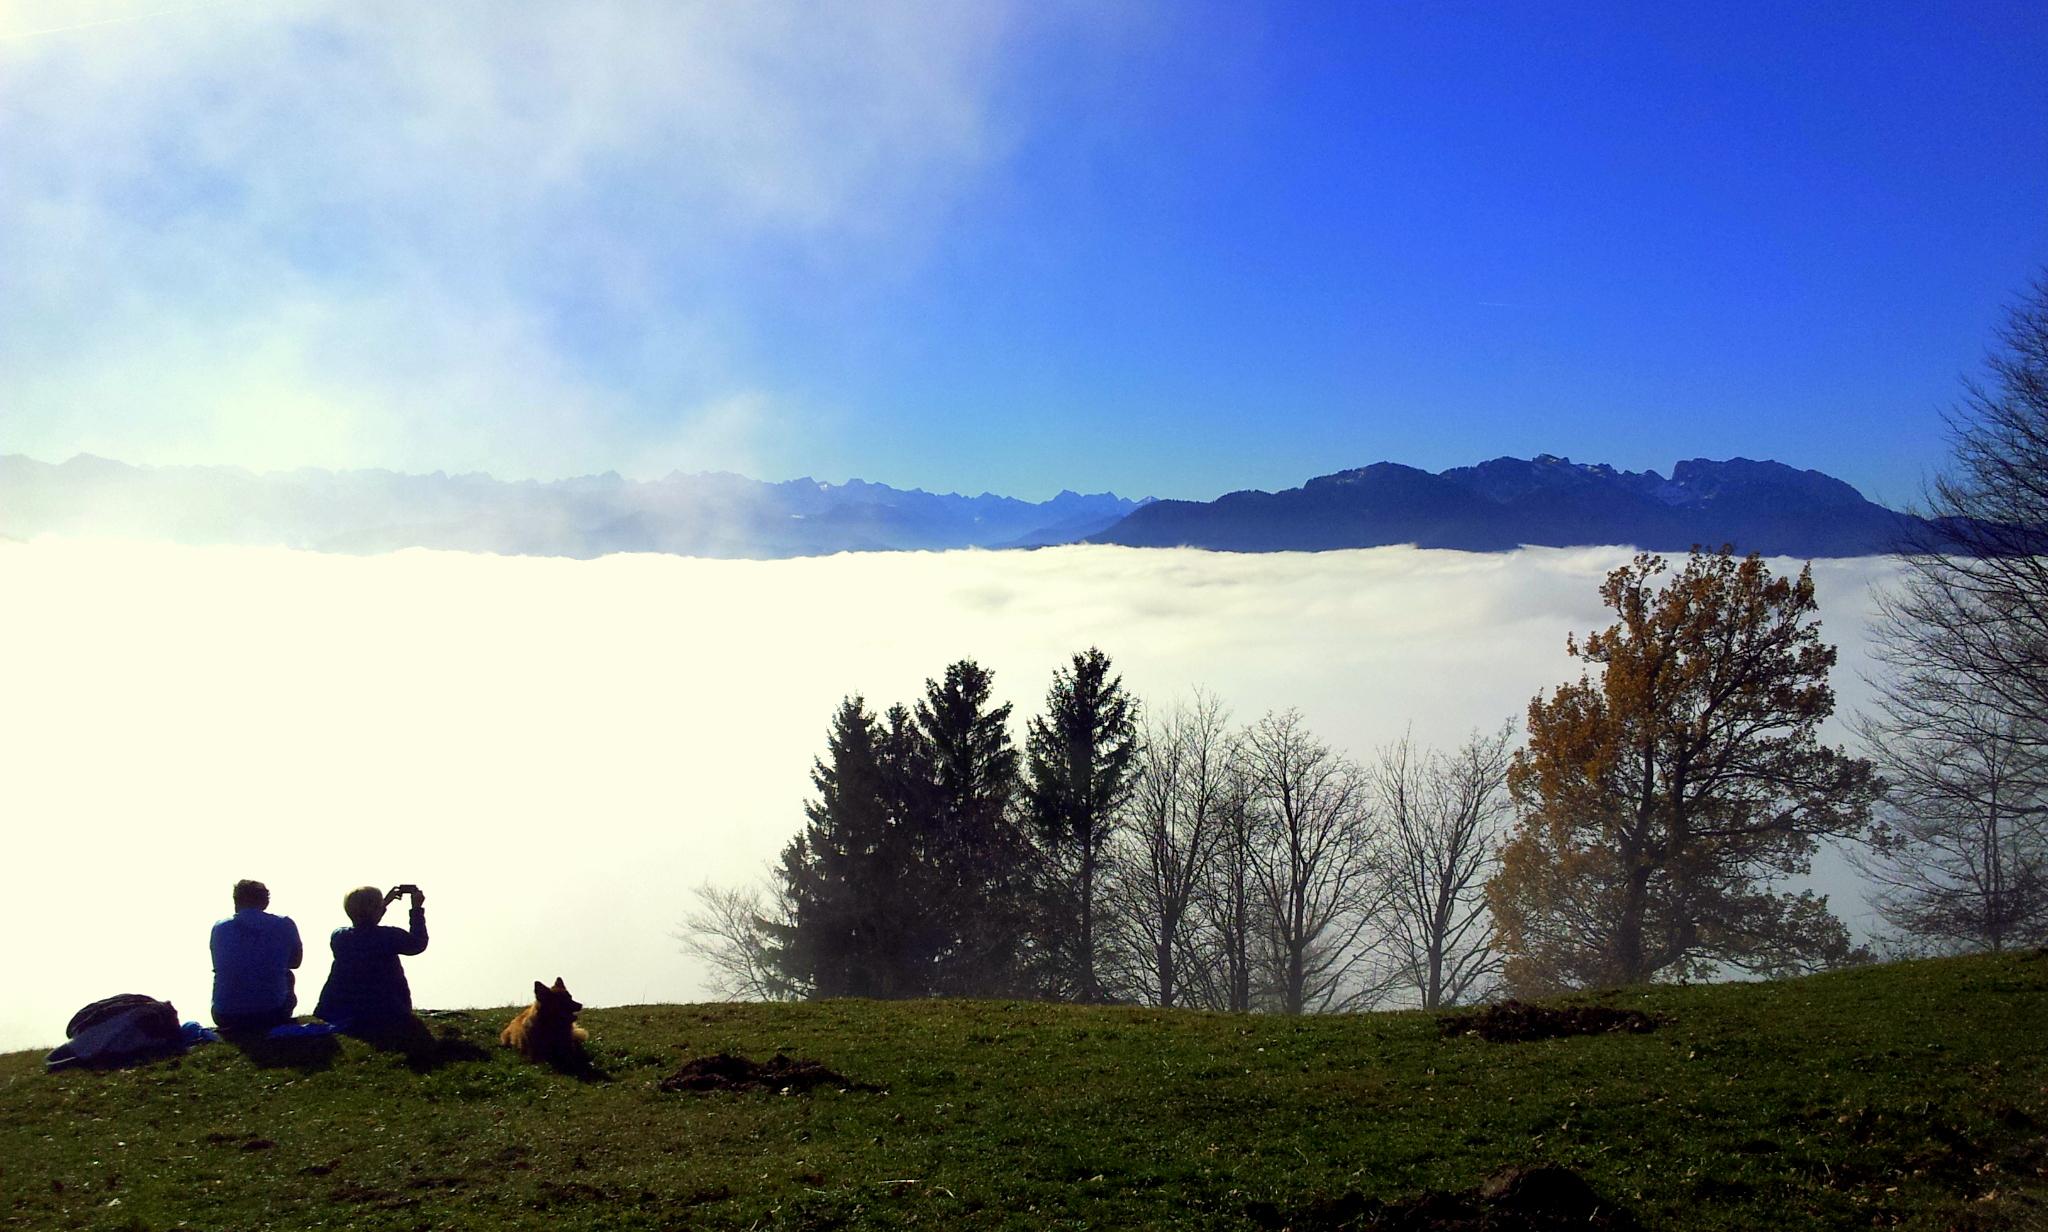 Sundraten bei Nebelstimmung